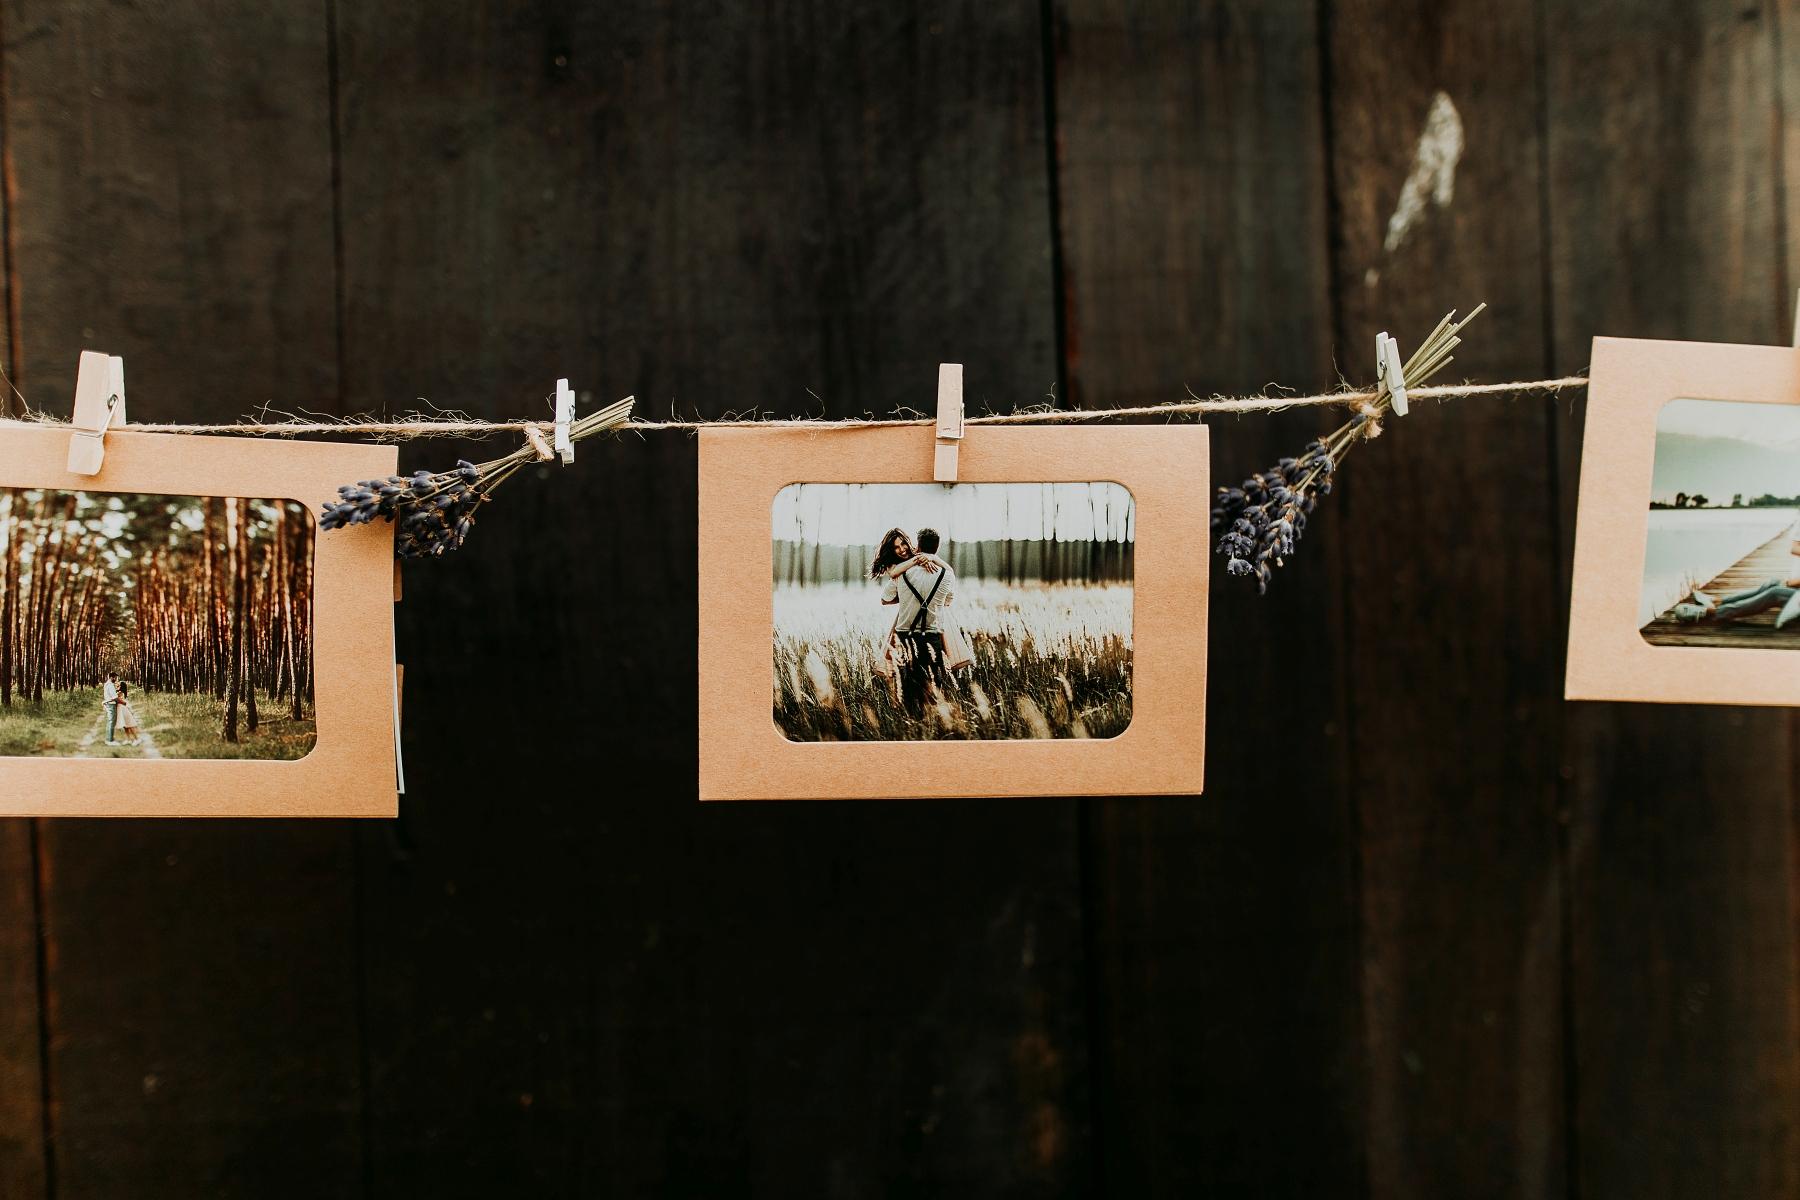 neco modra, svdba v modre, neco estate winery Modra,fotograf slovensko, vychod, praha, tatry, lubos krahulec,najlepsi svadobny fotografi, asociácia fotografov, fotograf tatry, fotenie v tatrach, svadba v prirode, kameraman, na svadbu, svadobne saty, kytica, presov, kosice, poprad, cech fotografov, wedding photographer, krahulec, v prahe, bratislava, zvolen, zilina, trencin, na svadbe,